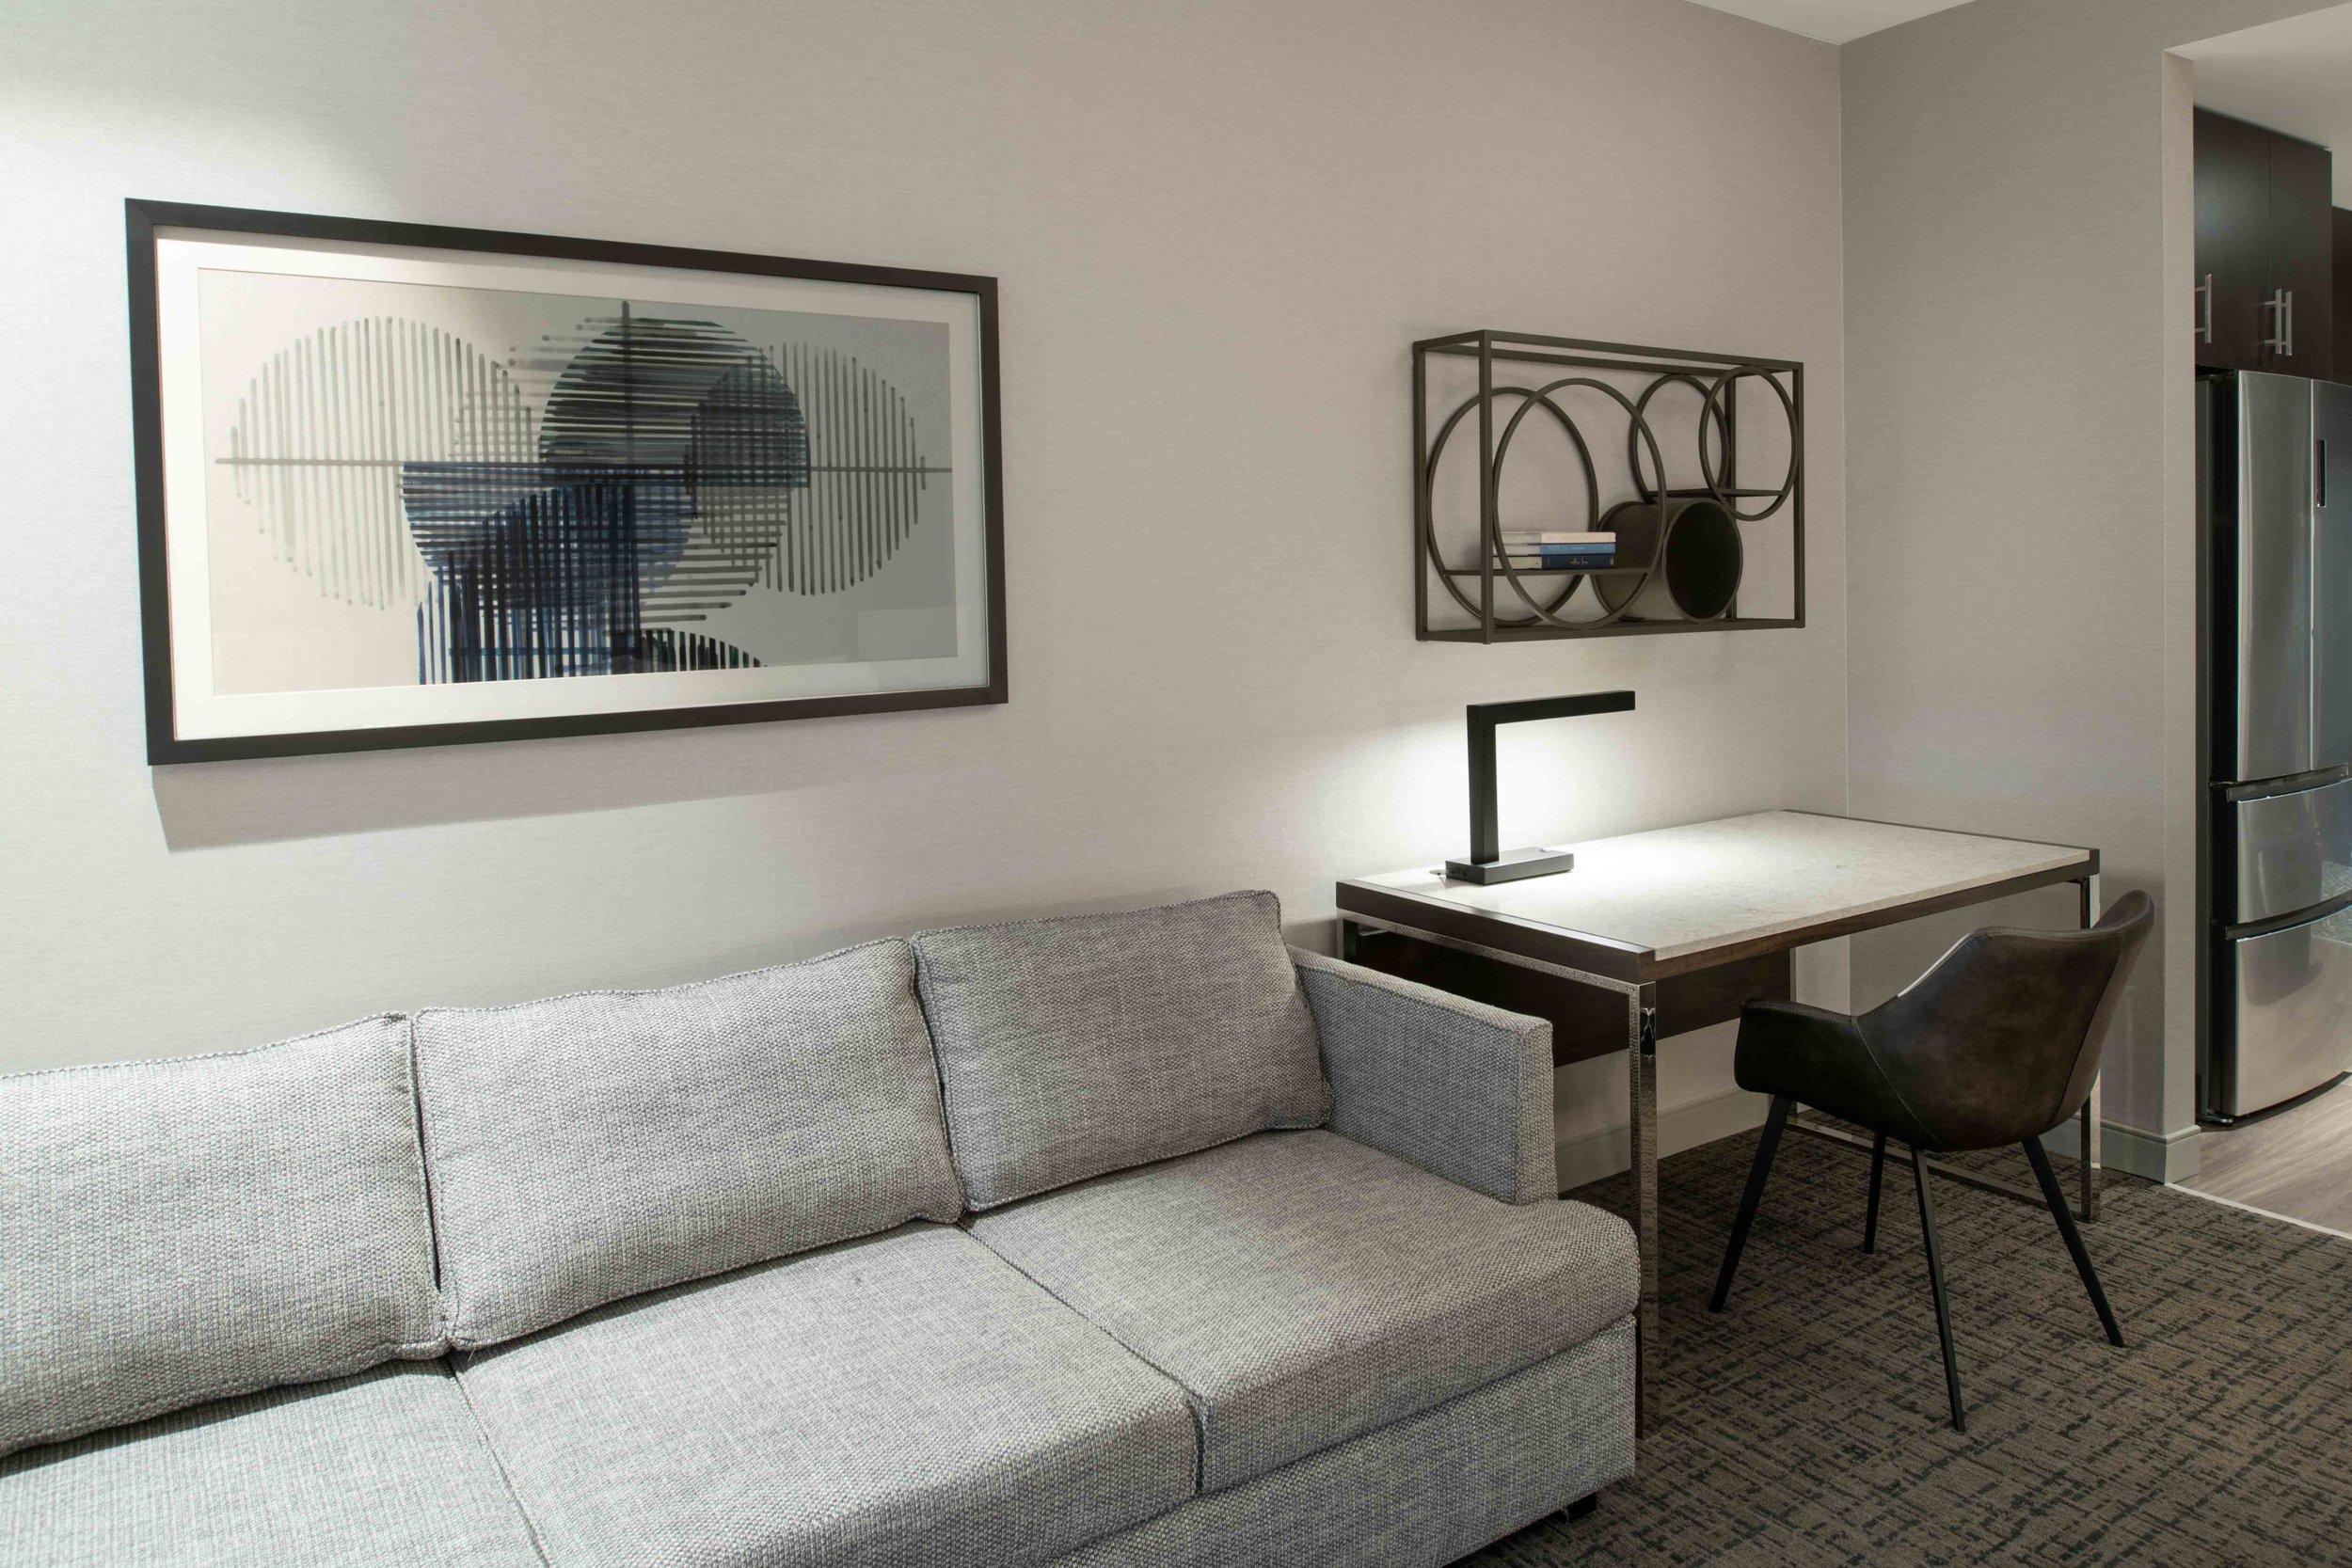 Staybridge Suites Sitting Area